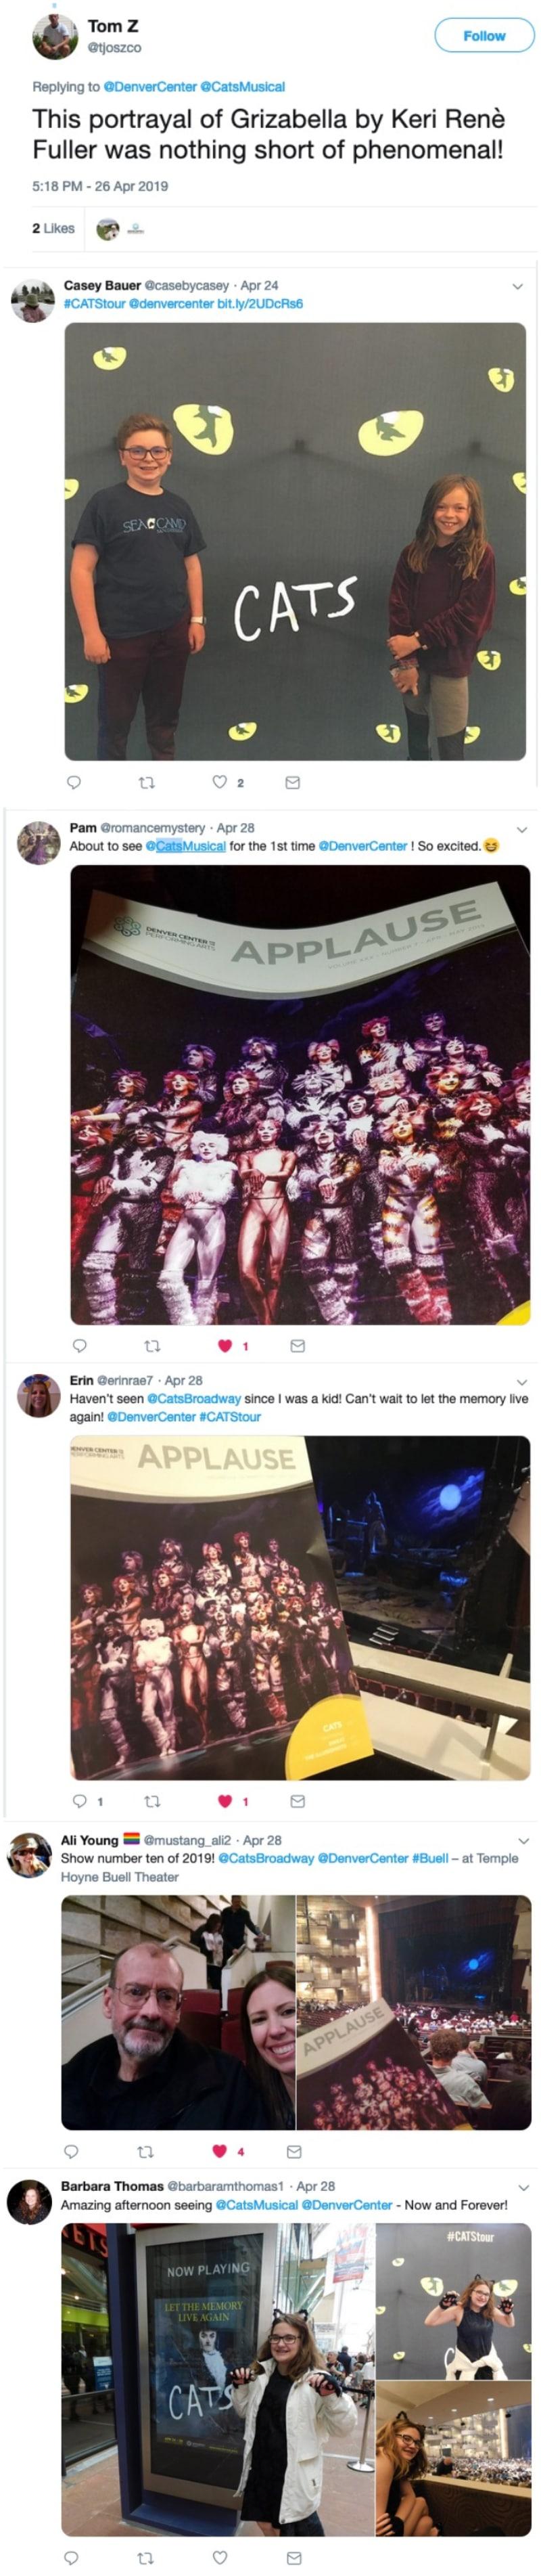 Cats tweets Denver 2019